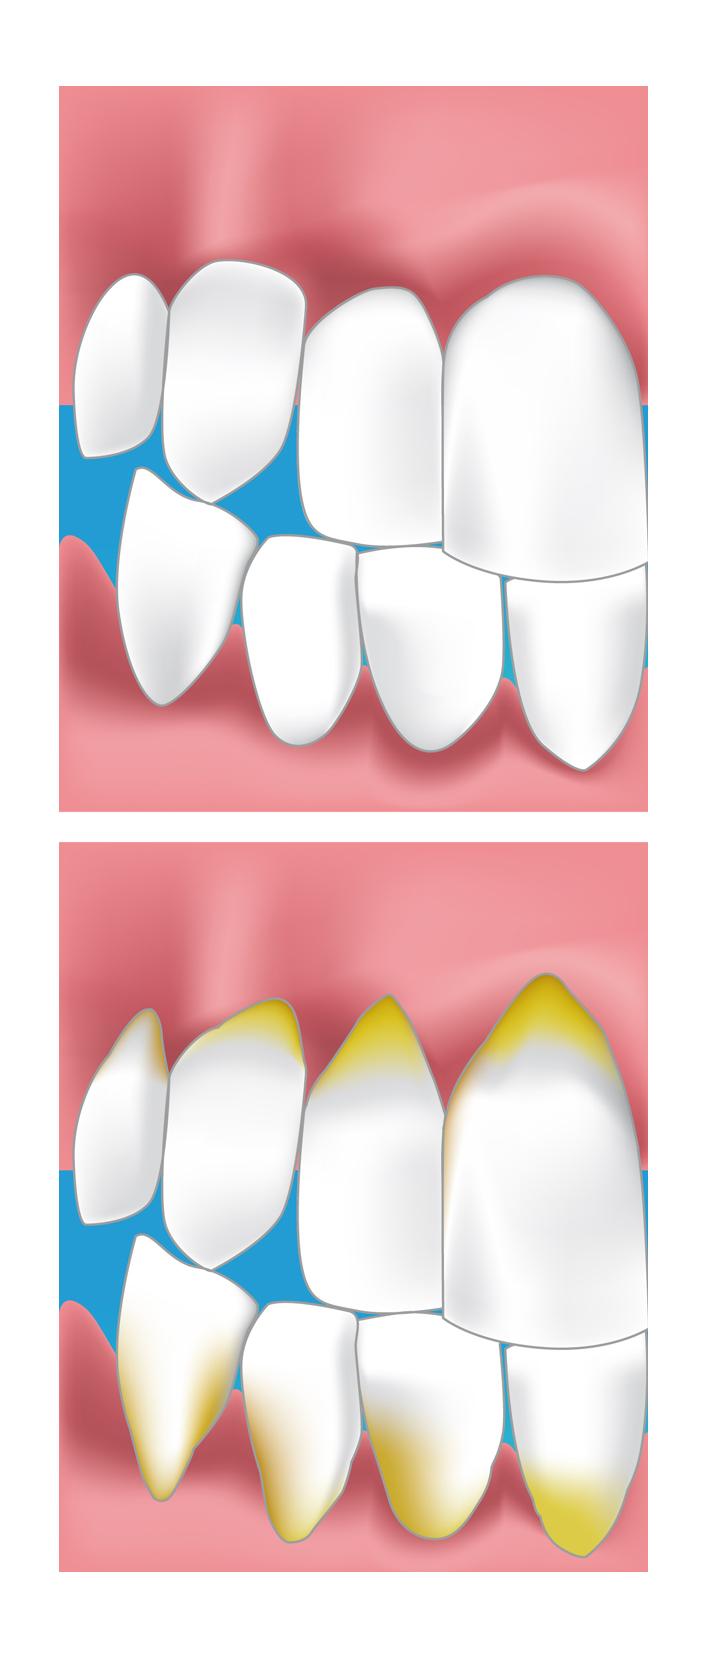 exemple parodontale